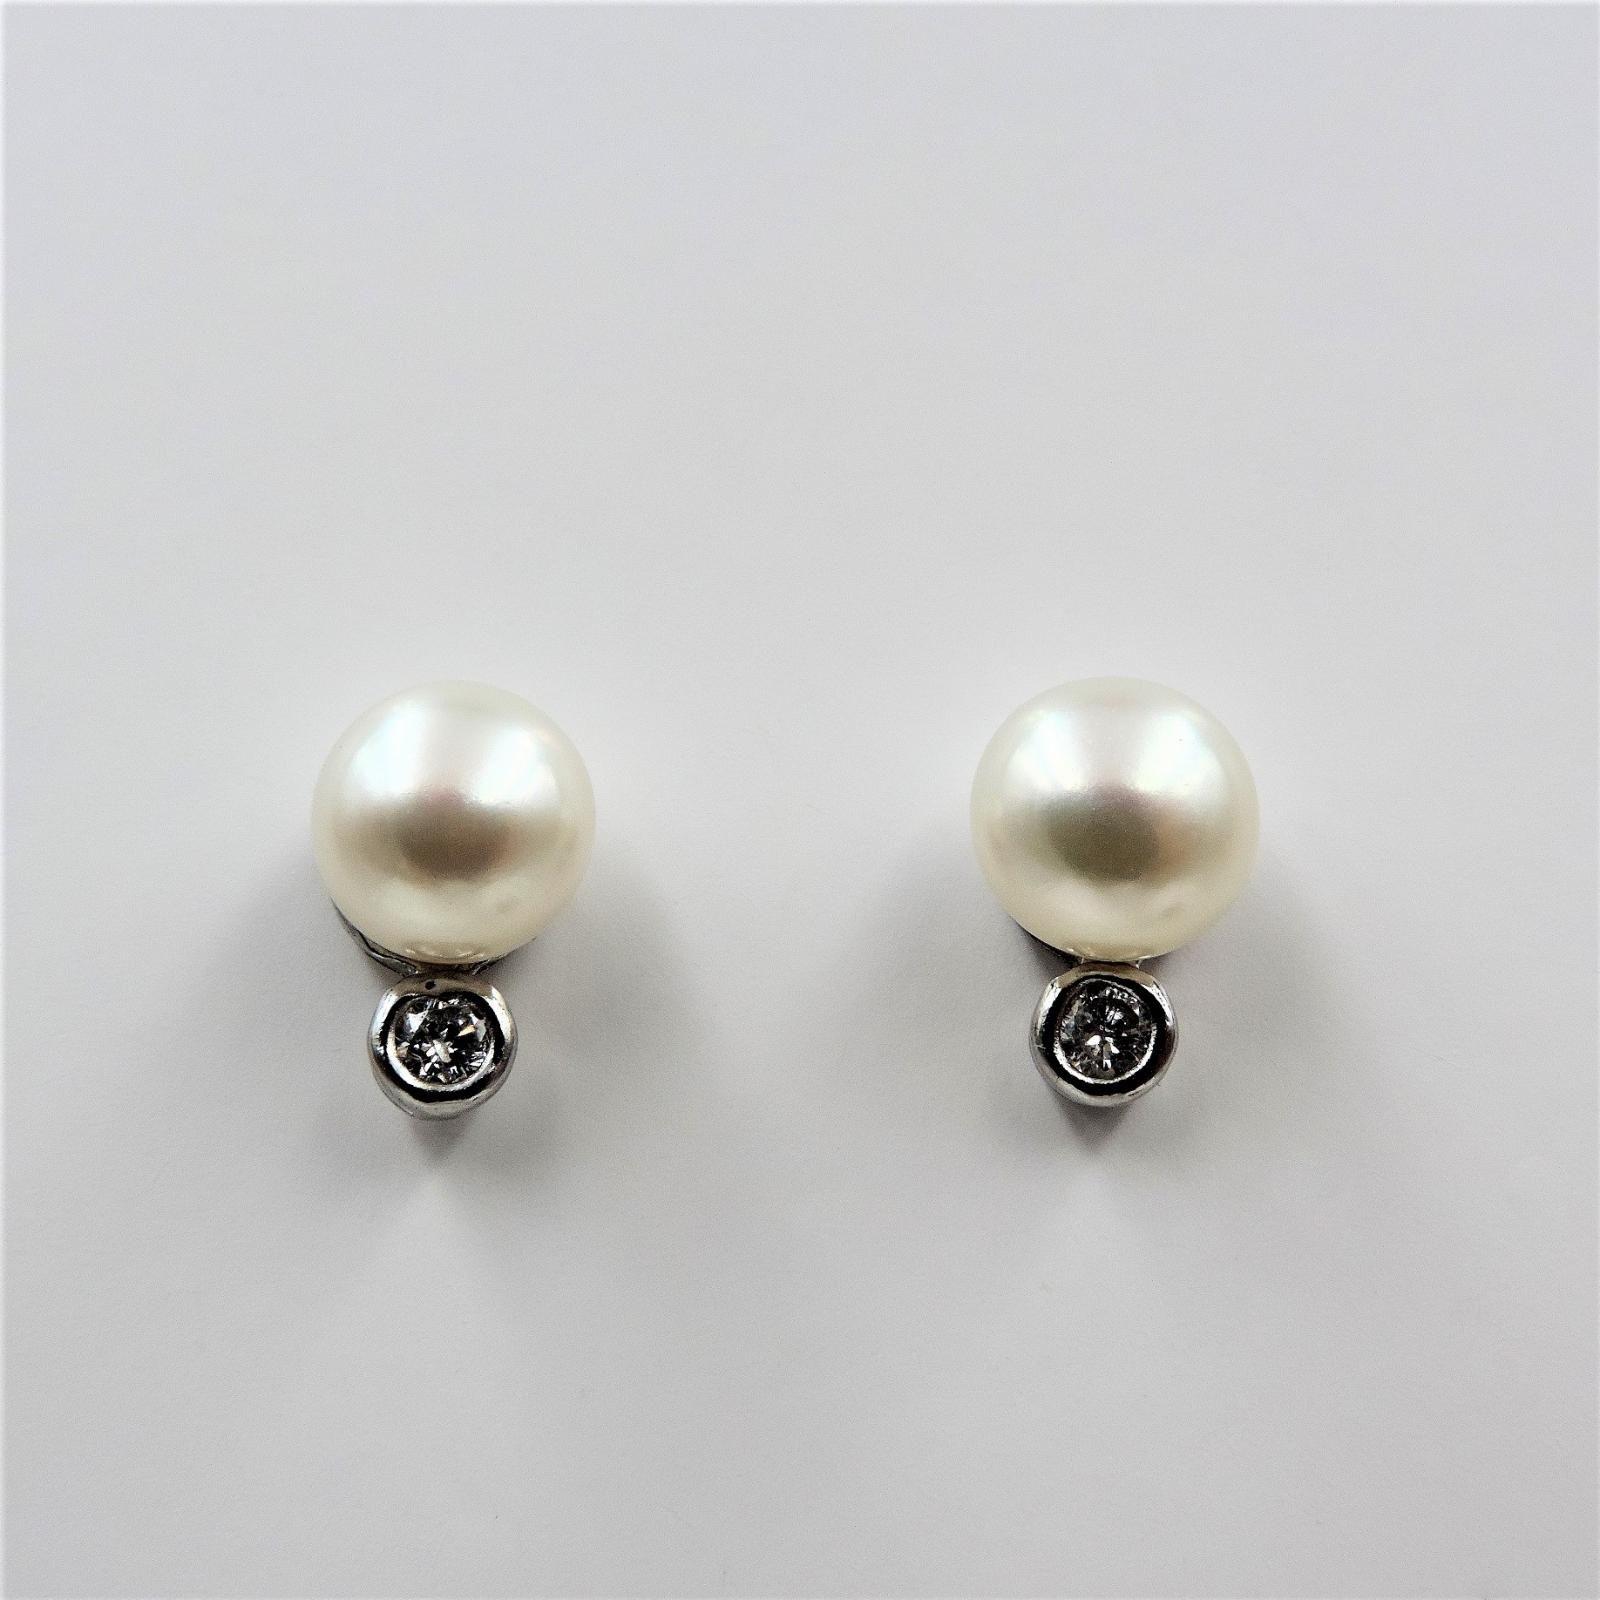 10577b6b3703 Pendientes Tu y YO de plata con perlas cultivadas blancas de 8mm 23 ...